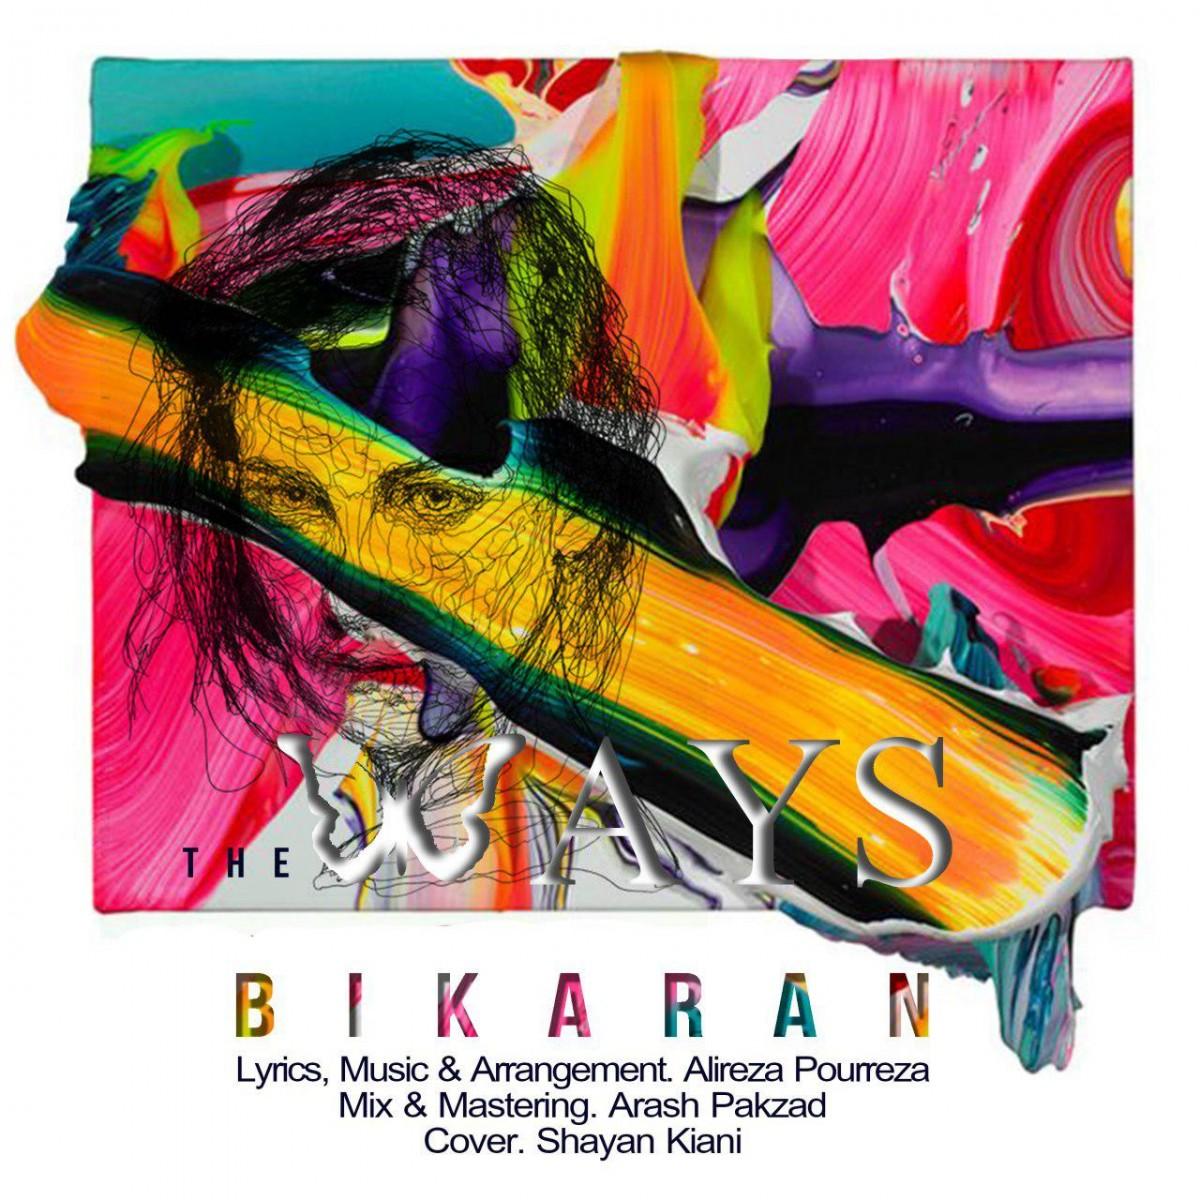 نامبر وان موزیک | دانلود آهنگ جدید The-Ways-Bikaran